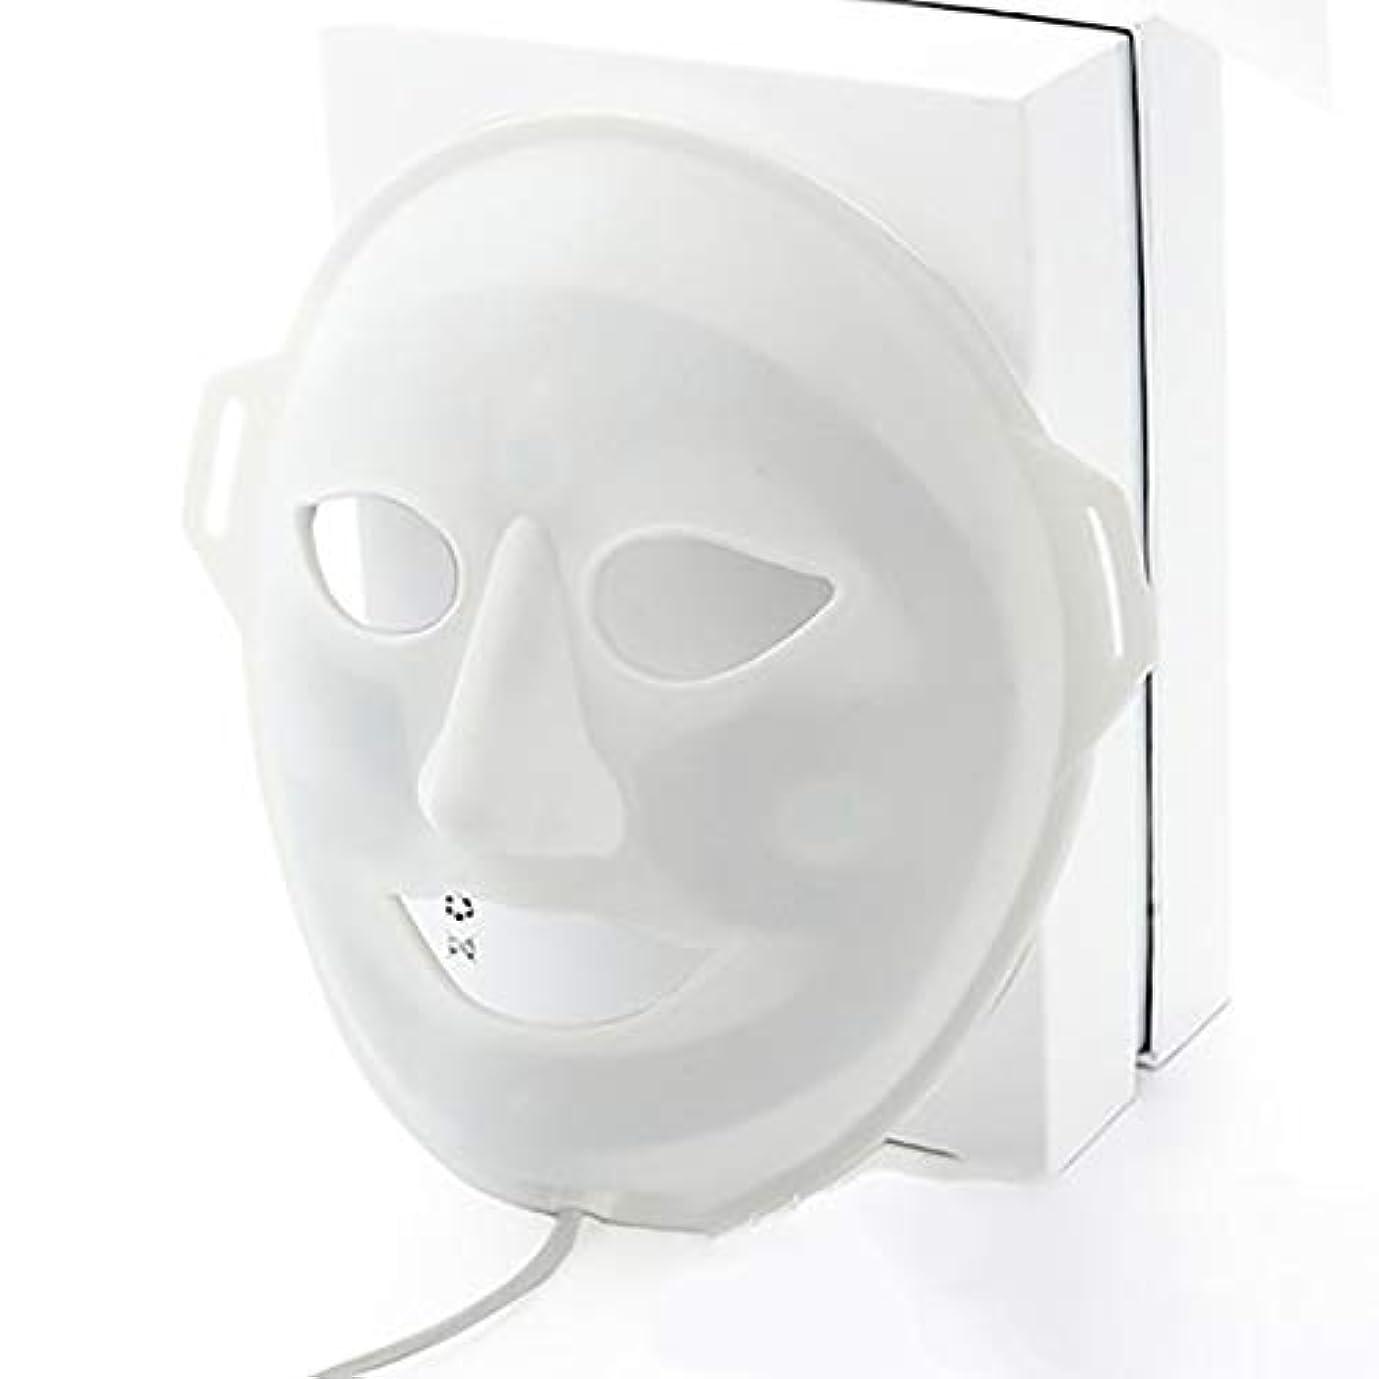 膨張する完全に乾く連帯LED光子美容マスク、抗にきびしわ除去療法、保湿輝く顔色ホワイトニングマスク